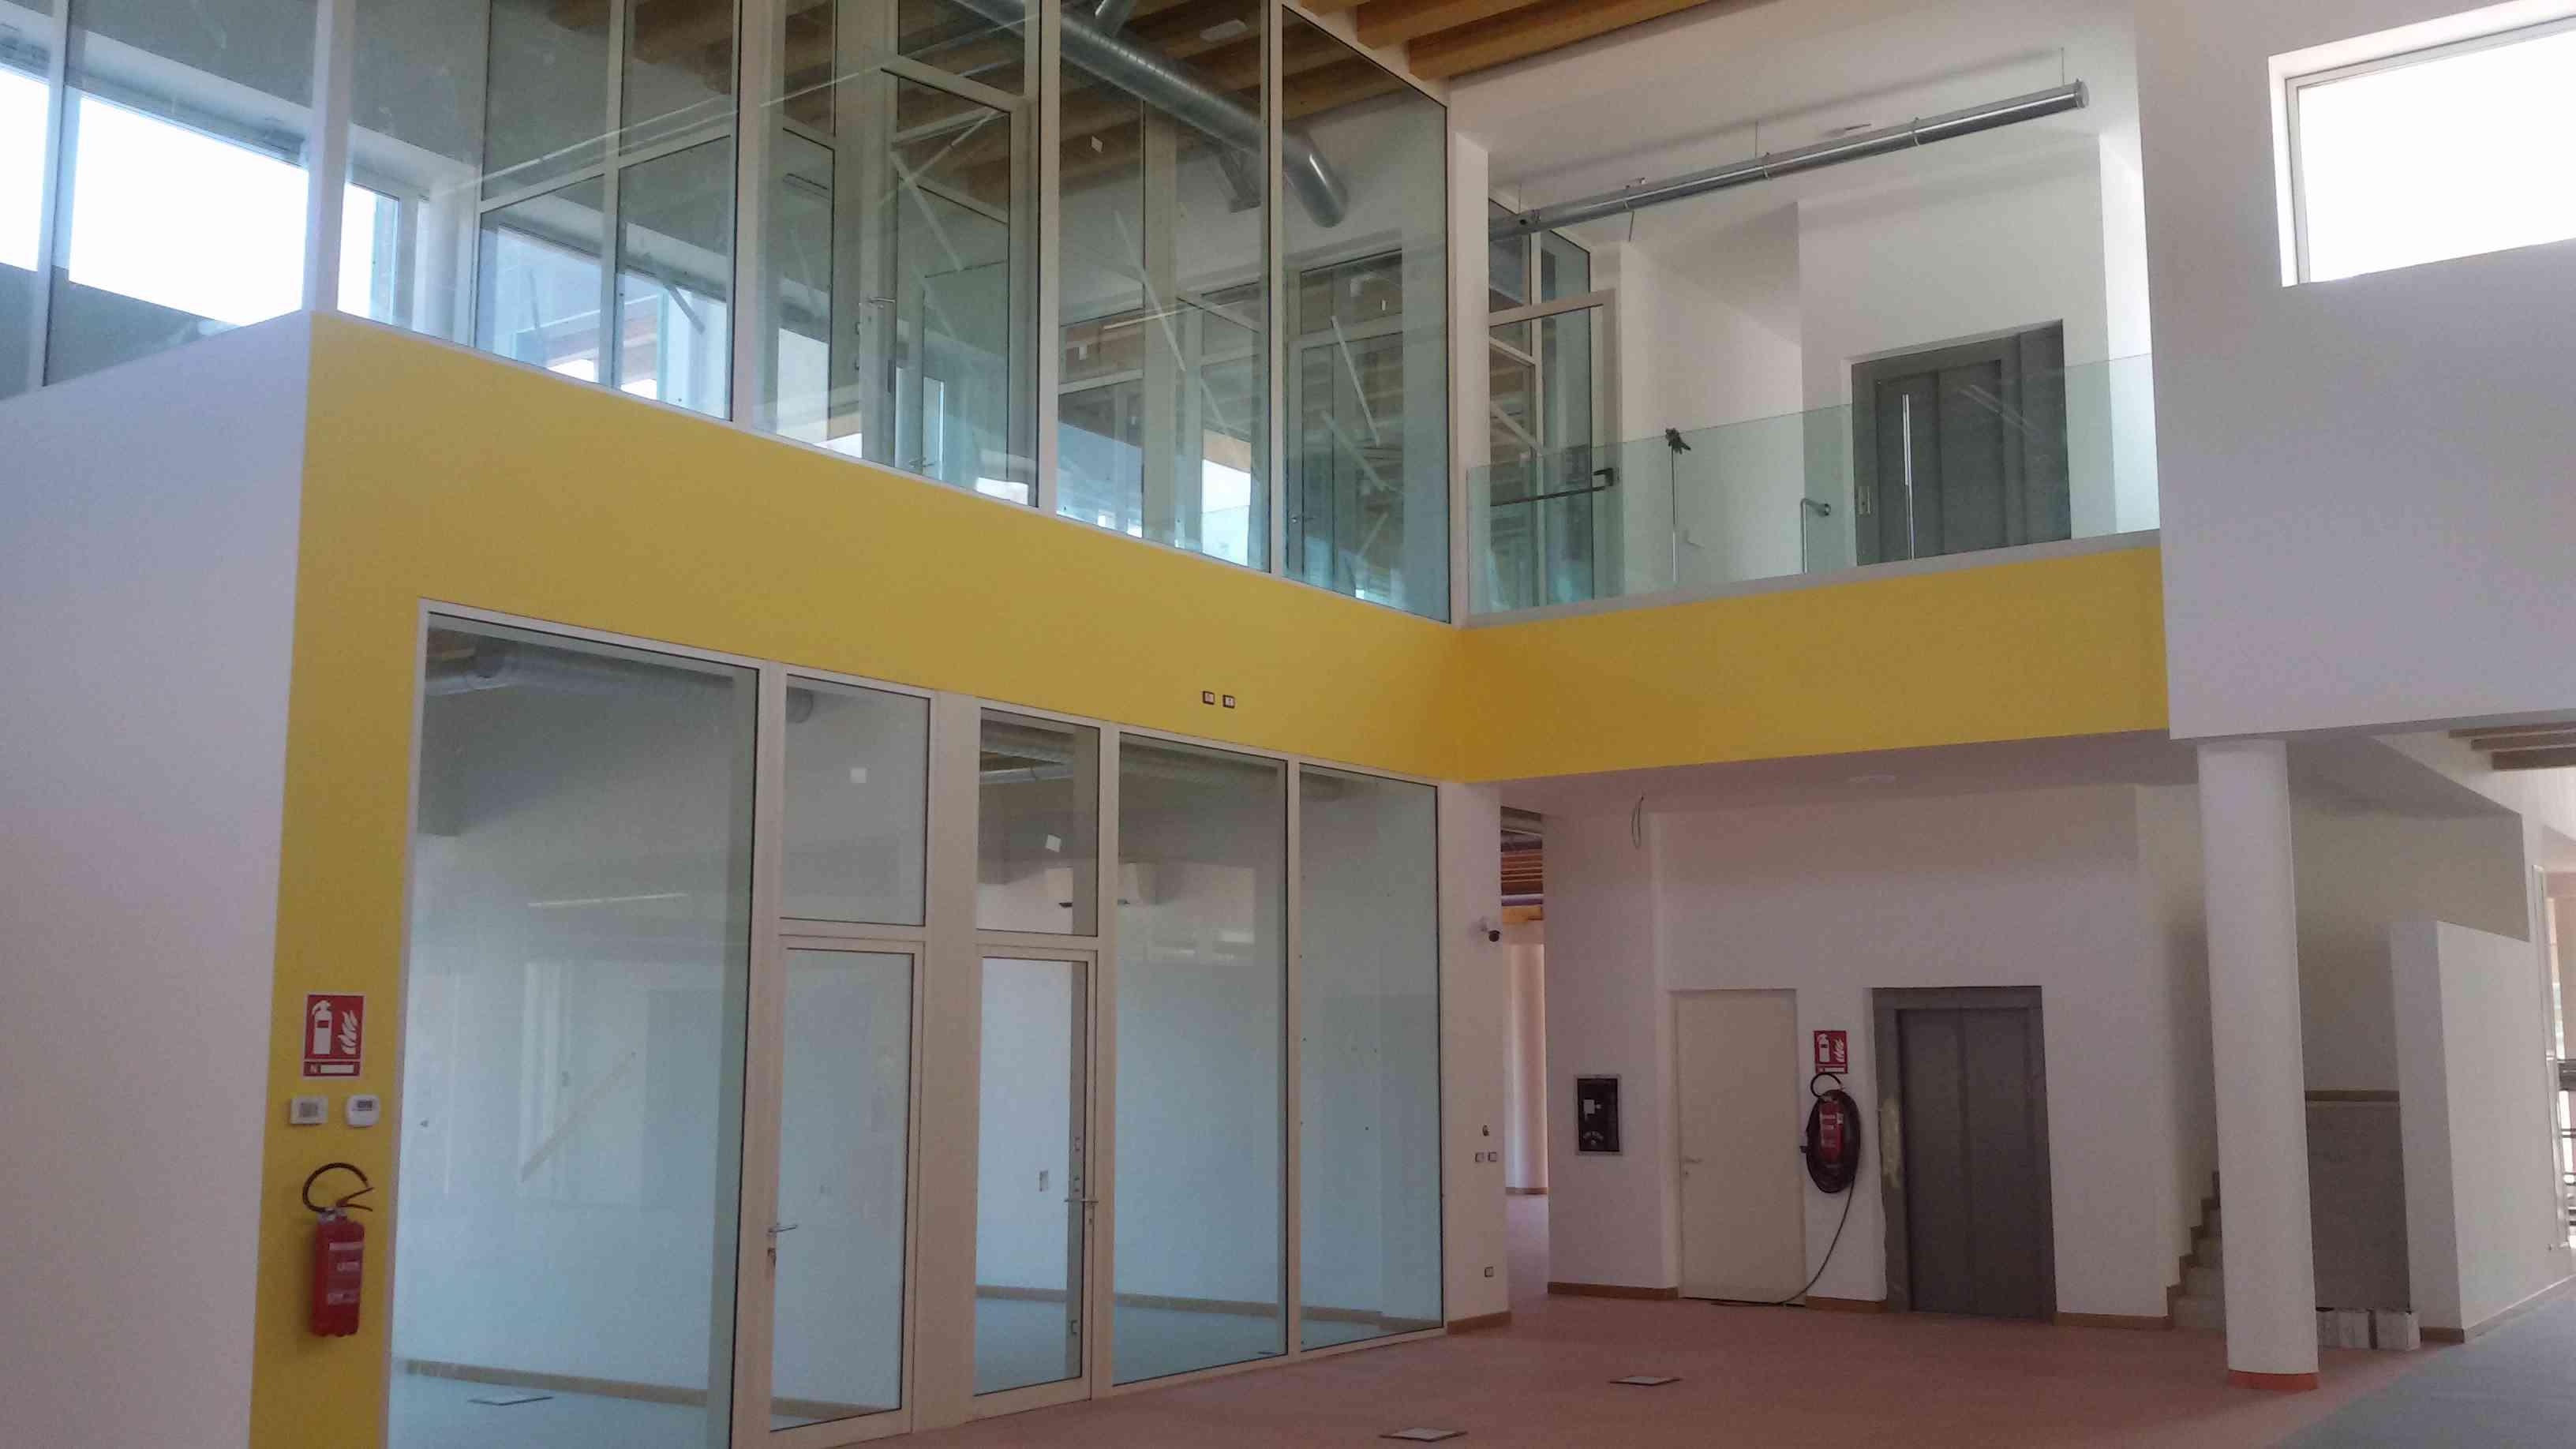 Costruzioni edili zaimimpresa s r l for Imprese edili e costruzioni londra